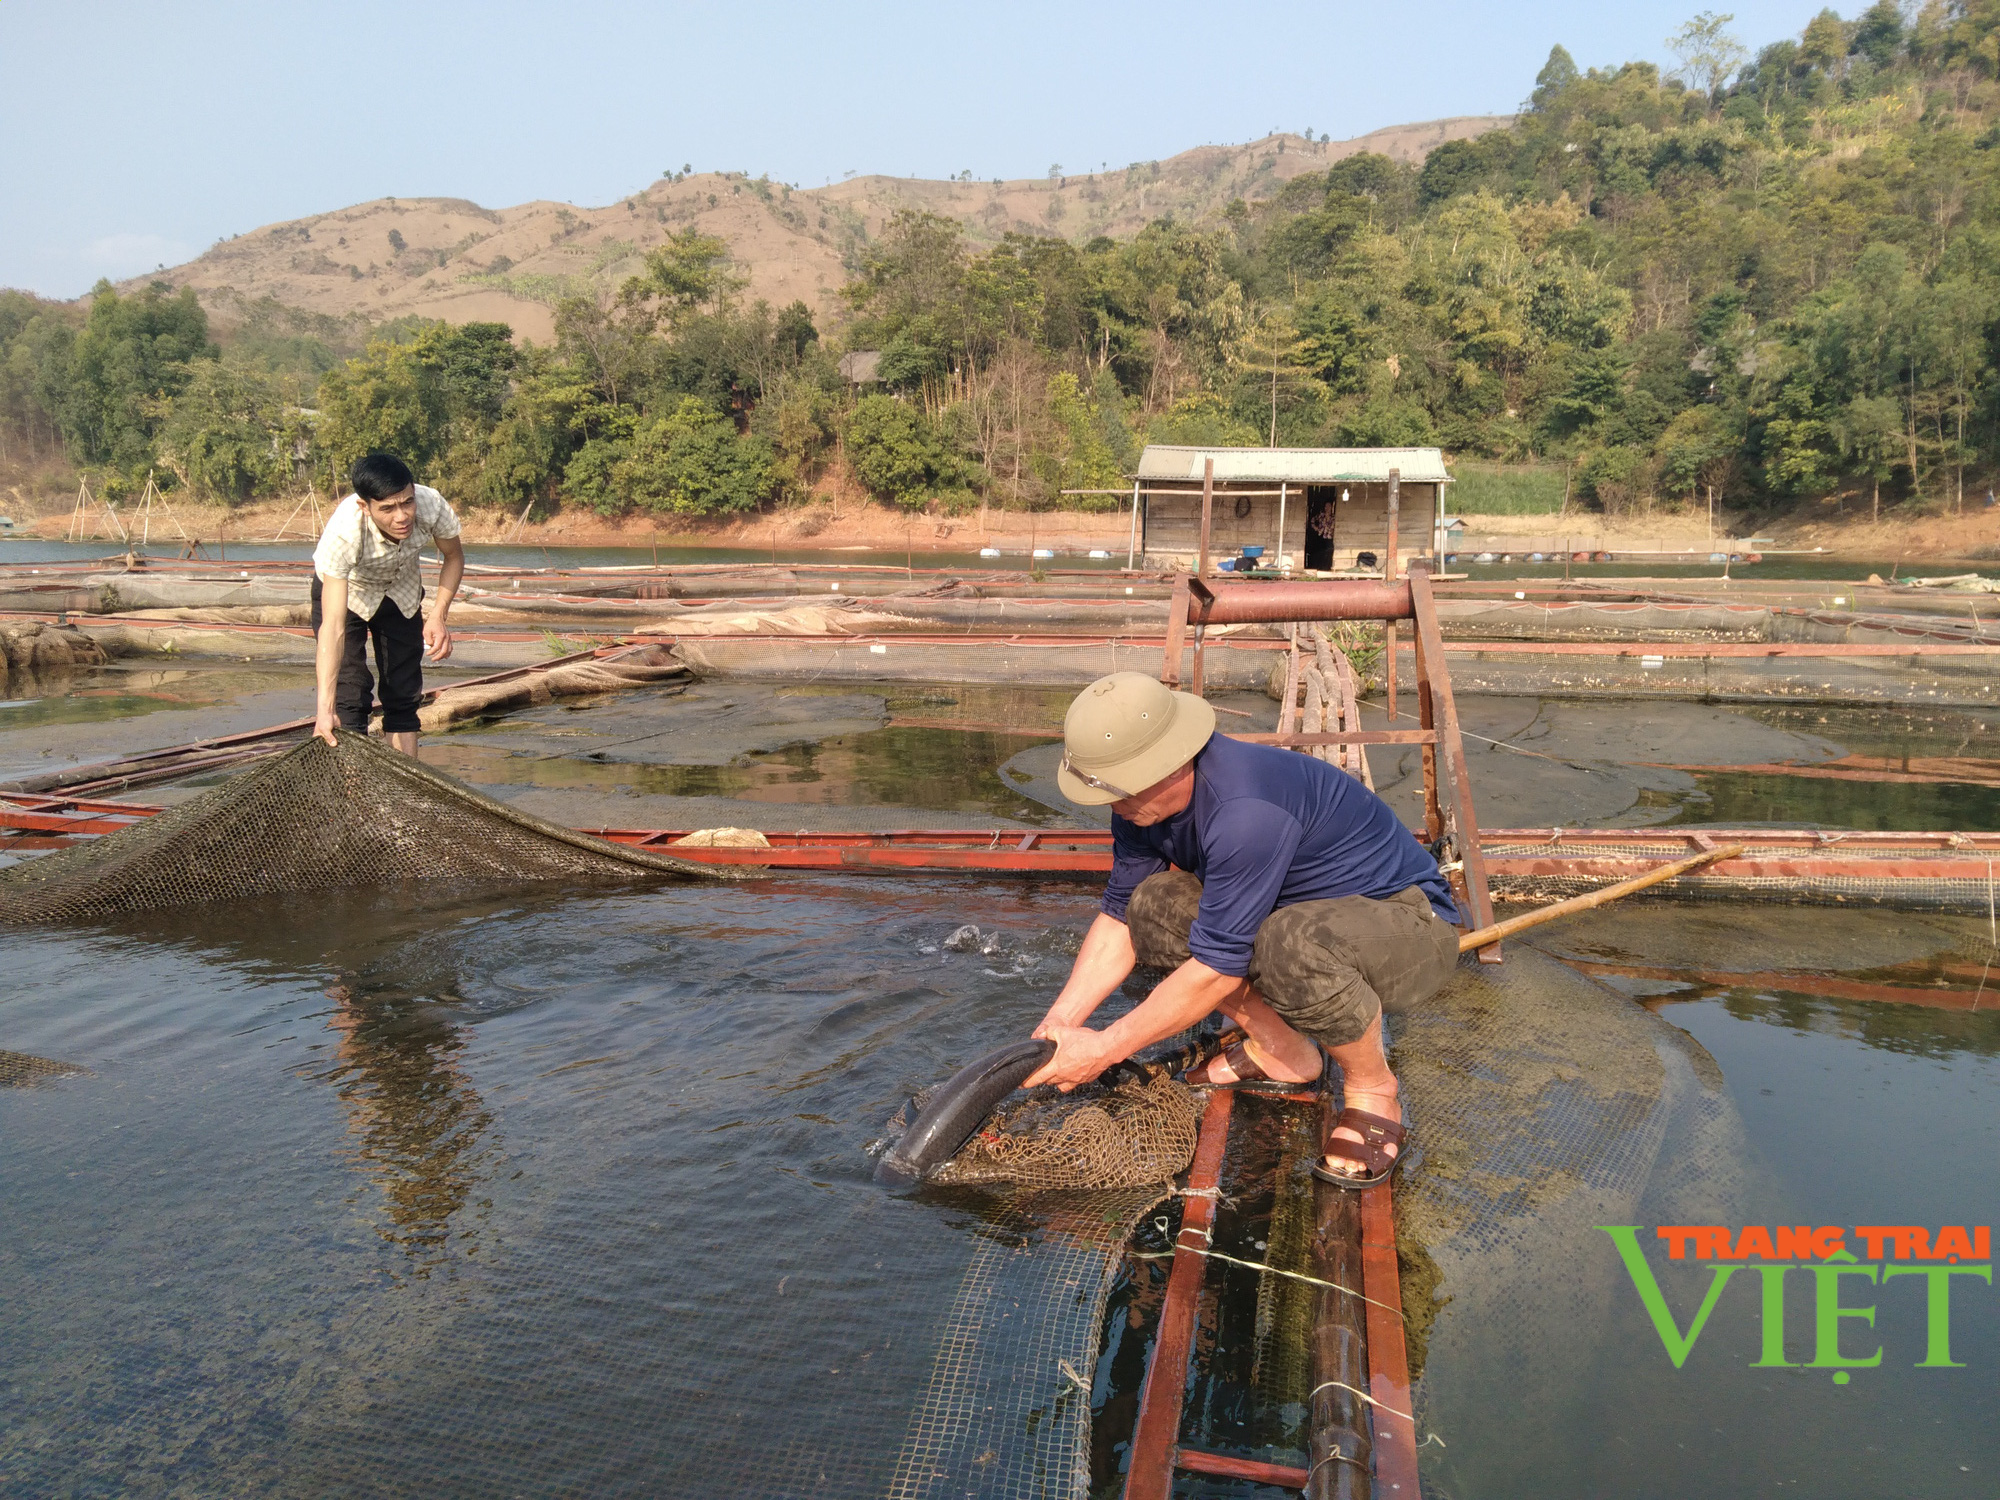 Nuôi cá lồng trên lòng hồ thủy điện Sơn La, người dân bản Ít có thu nhập ổn định  - Ảnh 2.